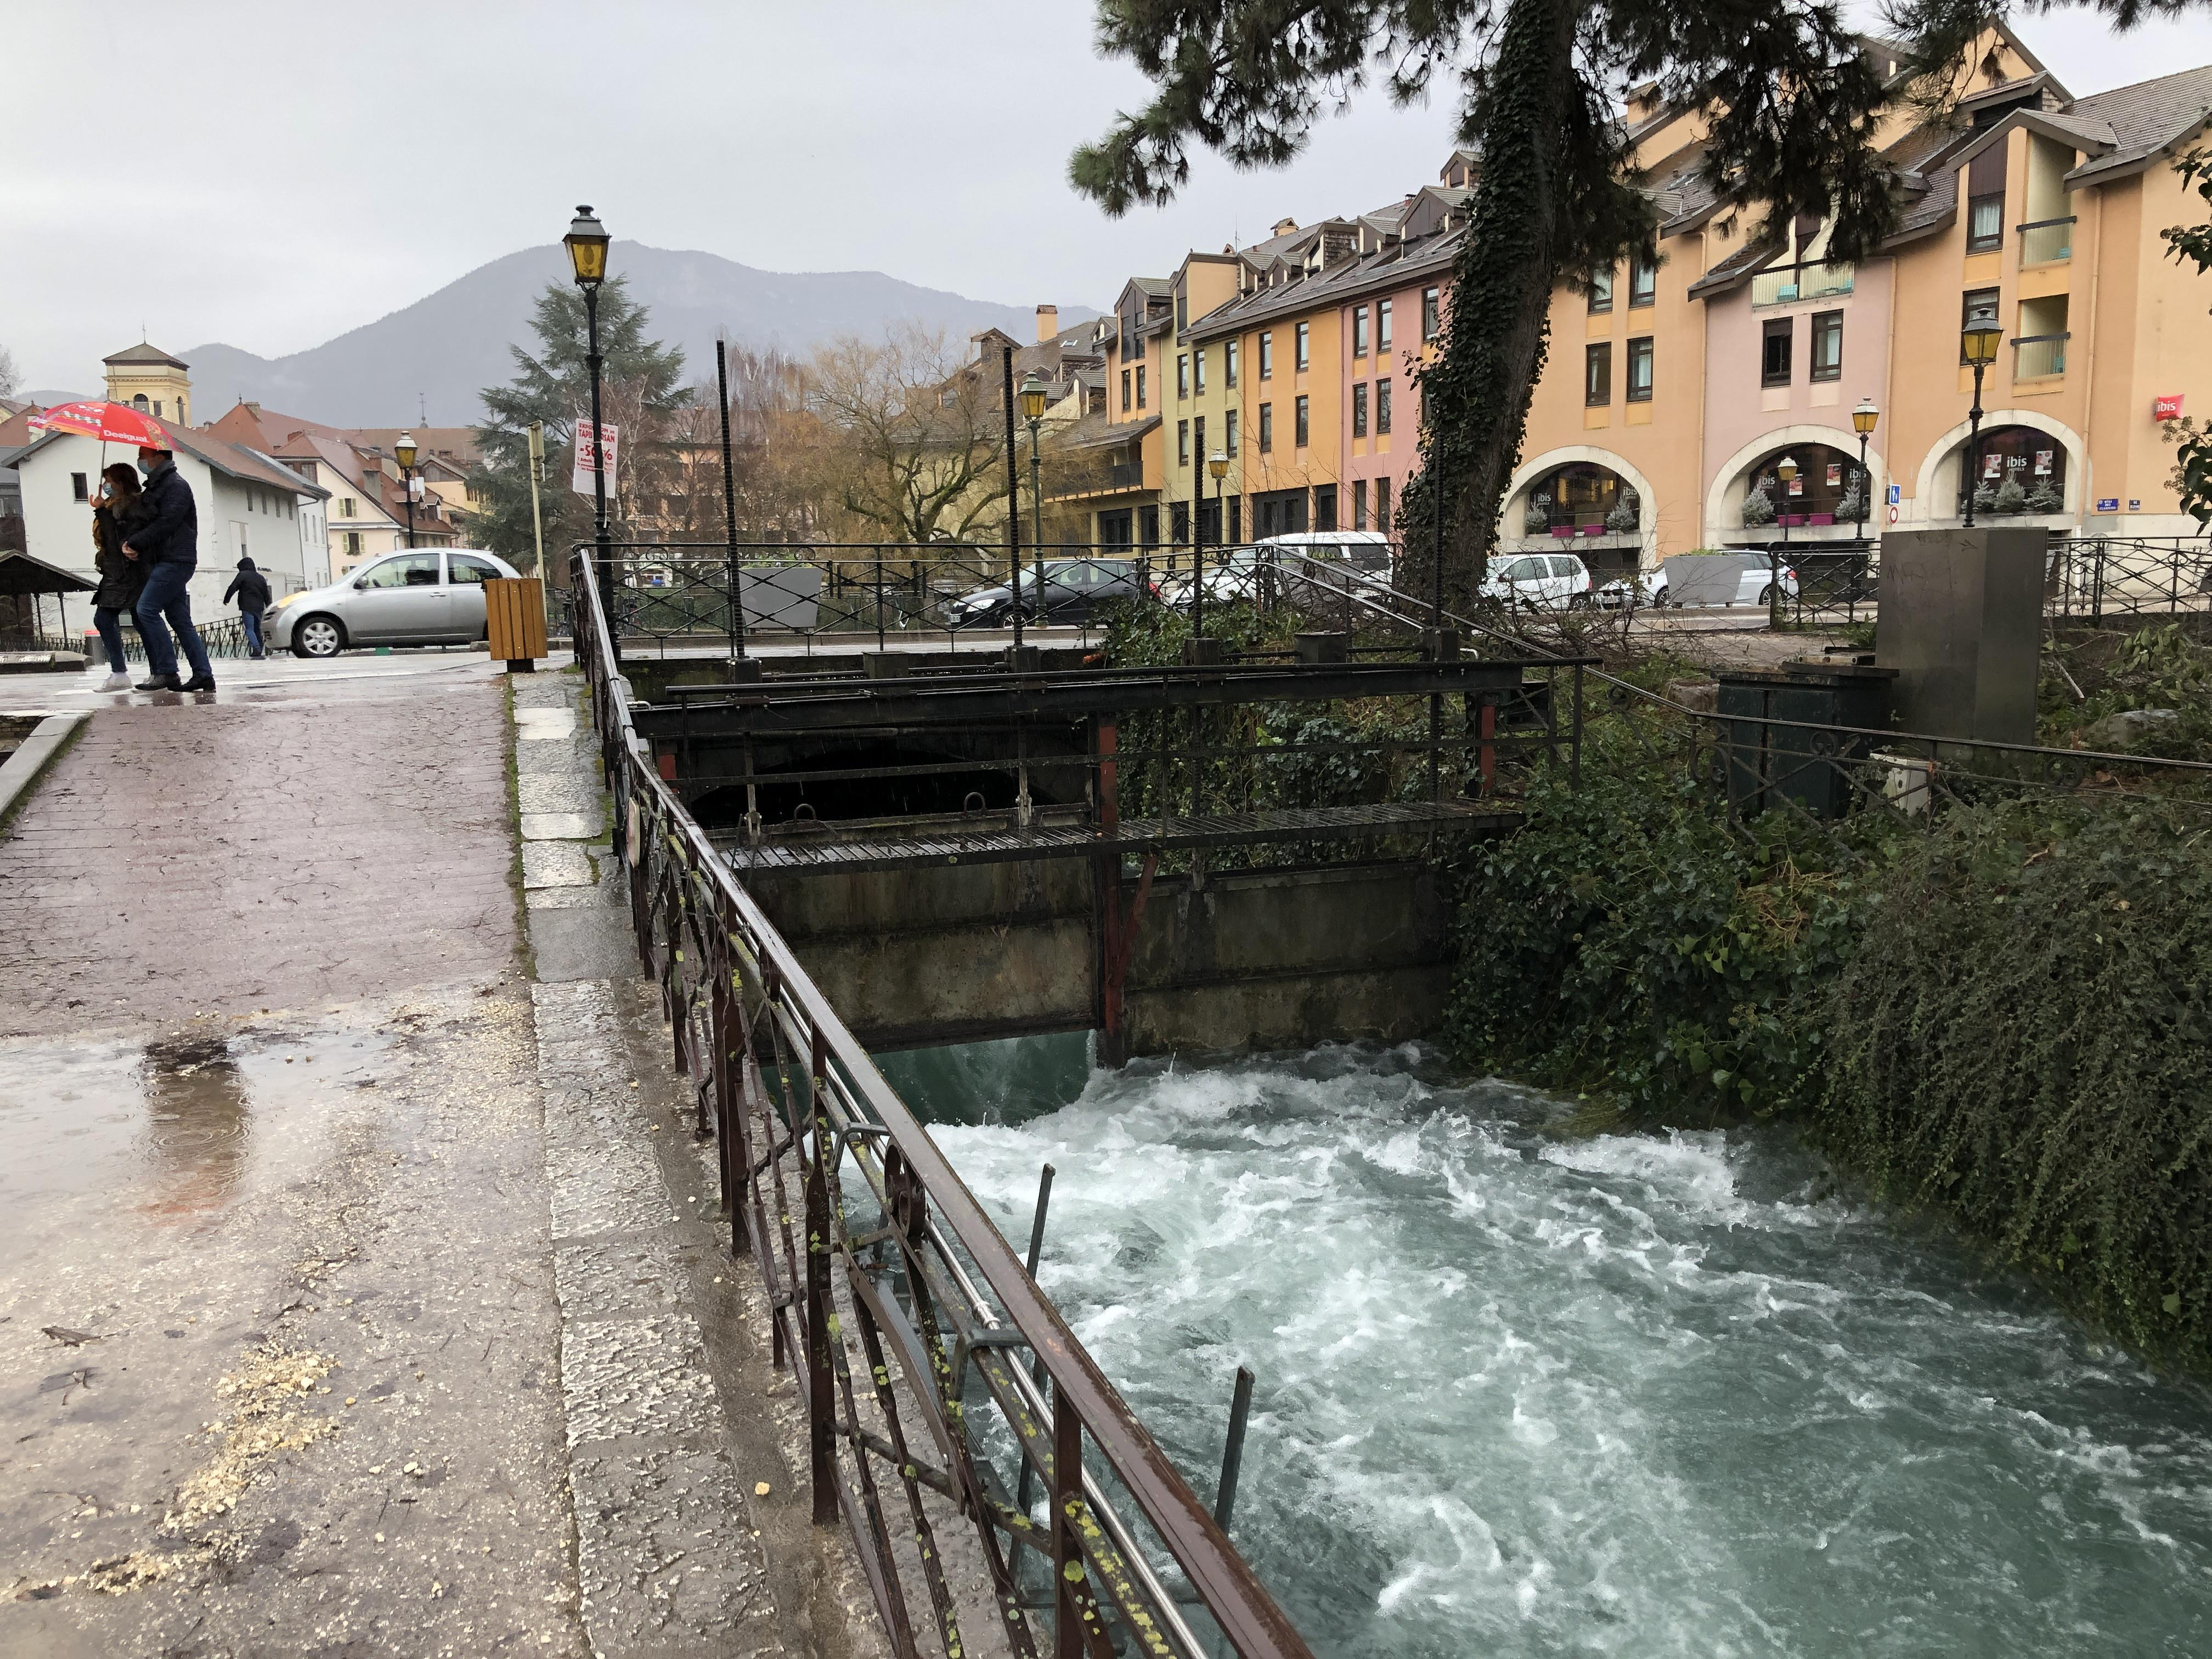 Annecy : le Thiou se déchaîne dans les canaux de la vieille ville et déborde en aval